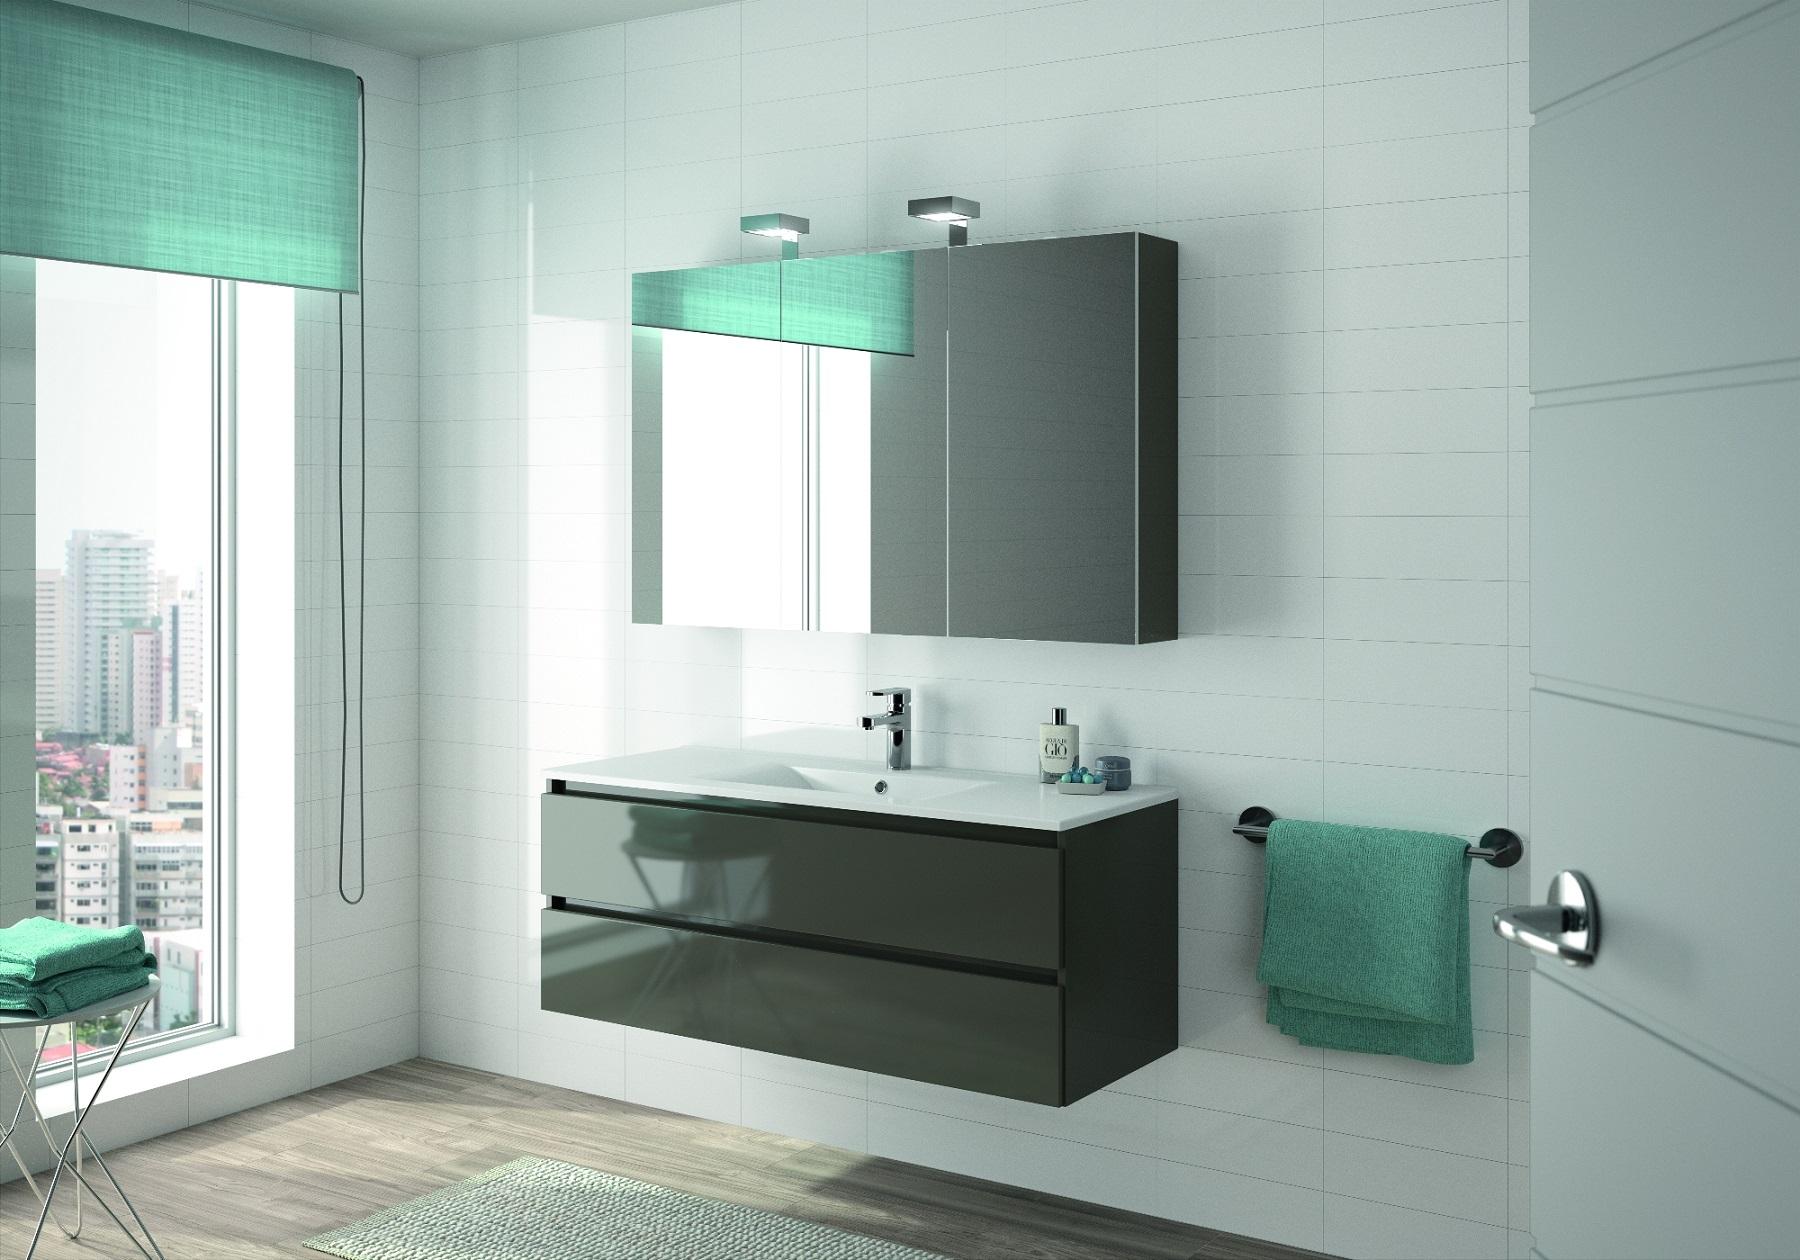 Mobili Da Bagno Design : Allibert mobili da bagno set pre assemblati grigio lucido specchio